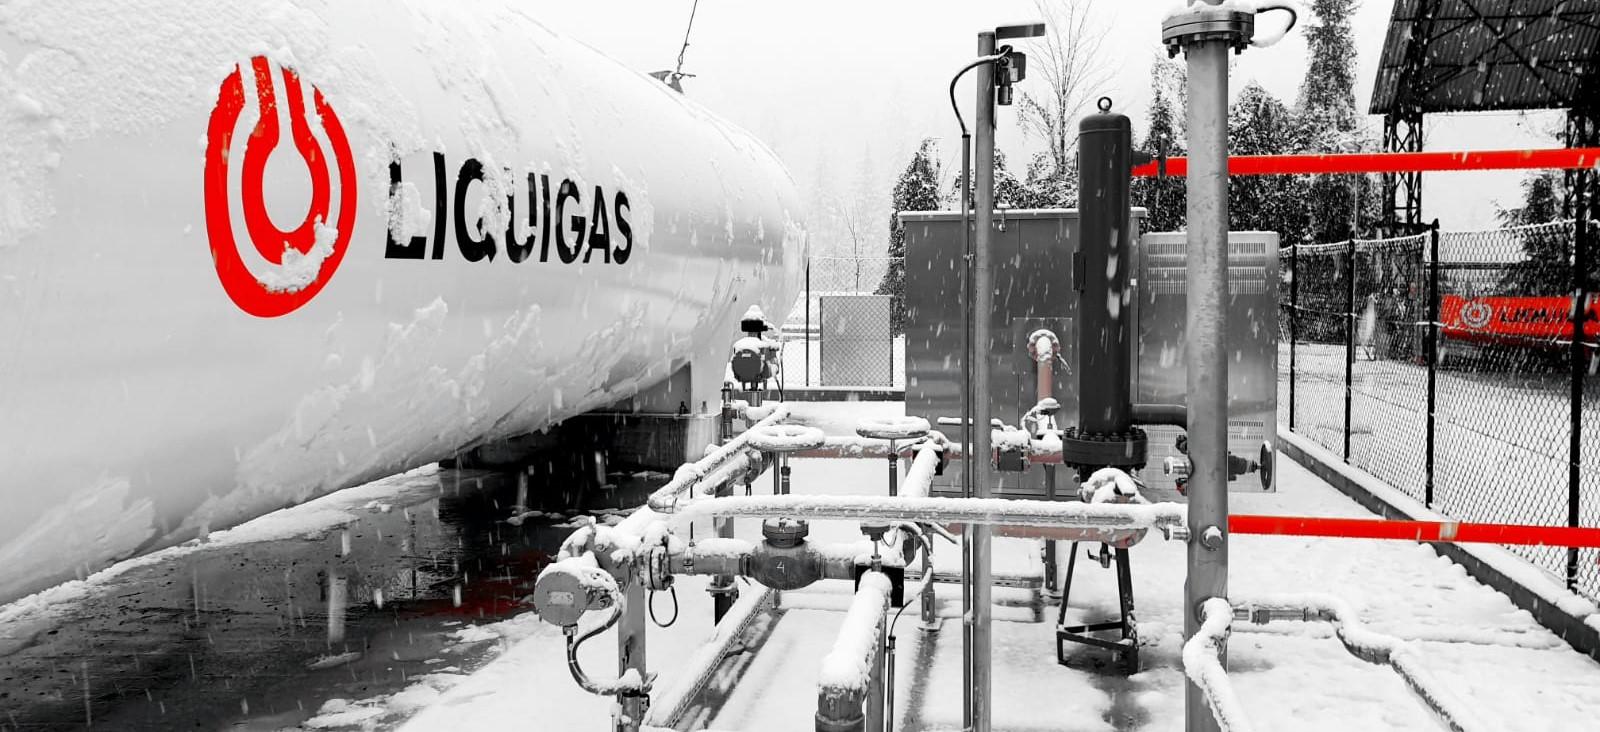 LNG tank in winter